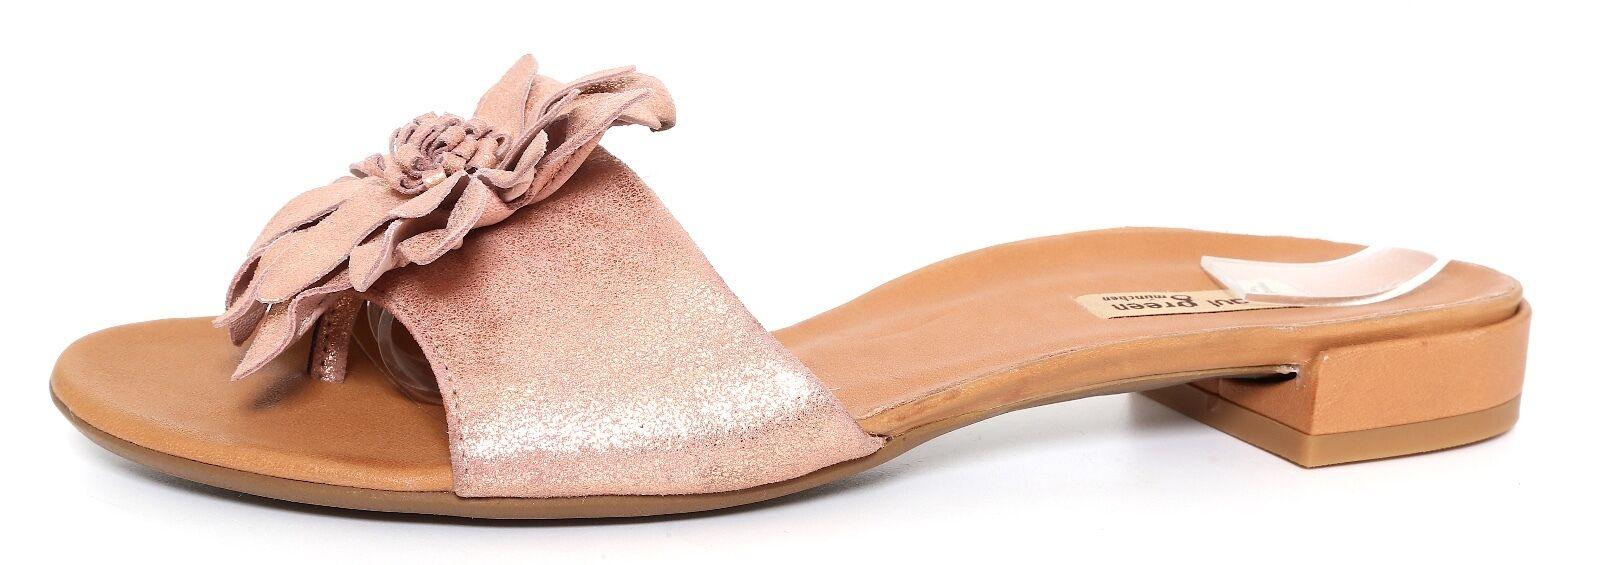 Paul vert Paradise Slide Sandal rose Metallic femmes Sz 4.5 UK 2867